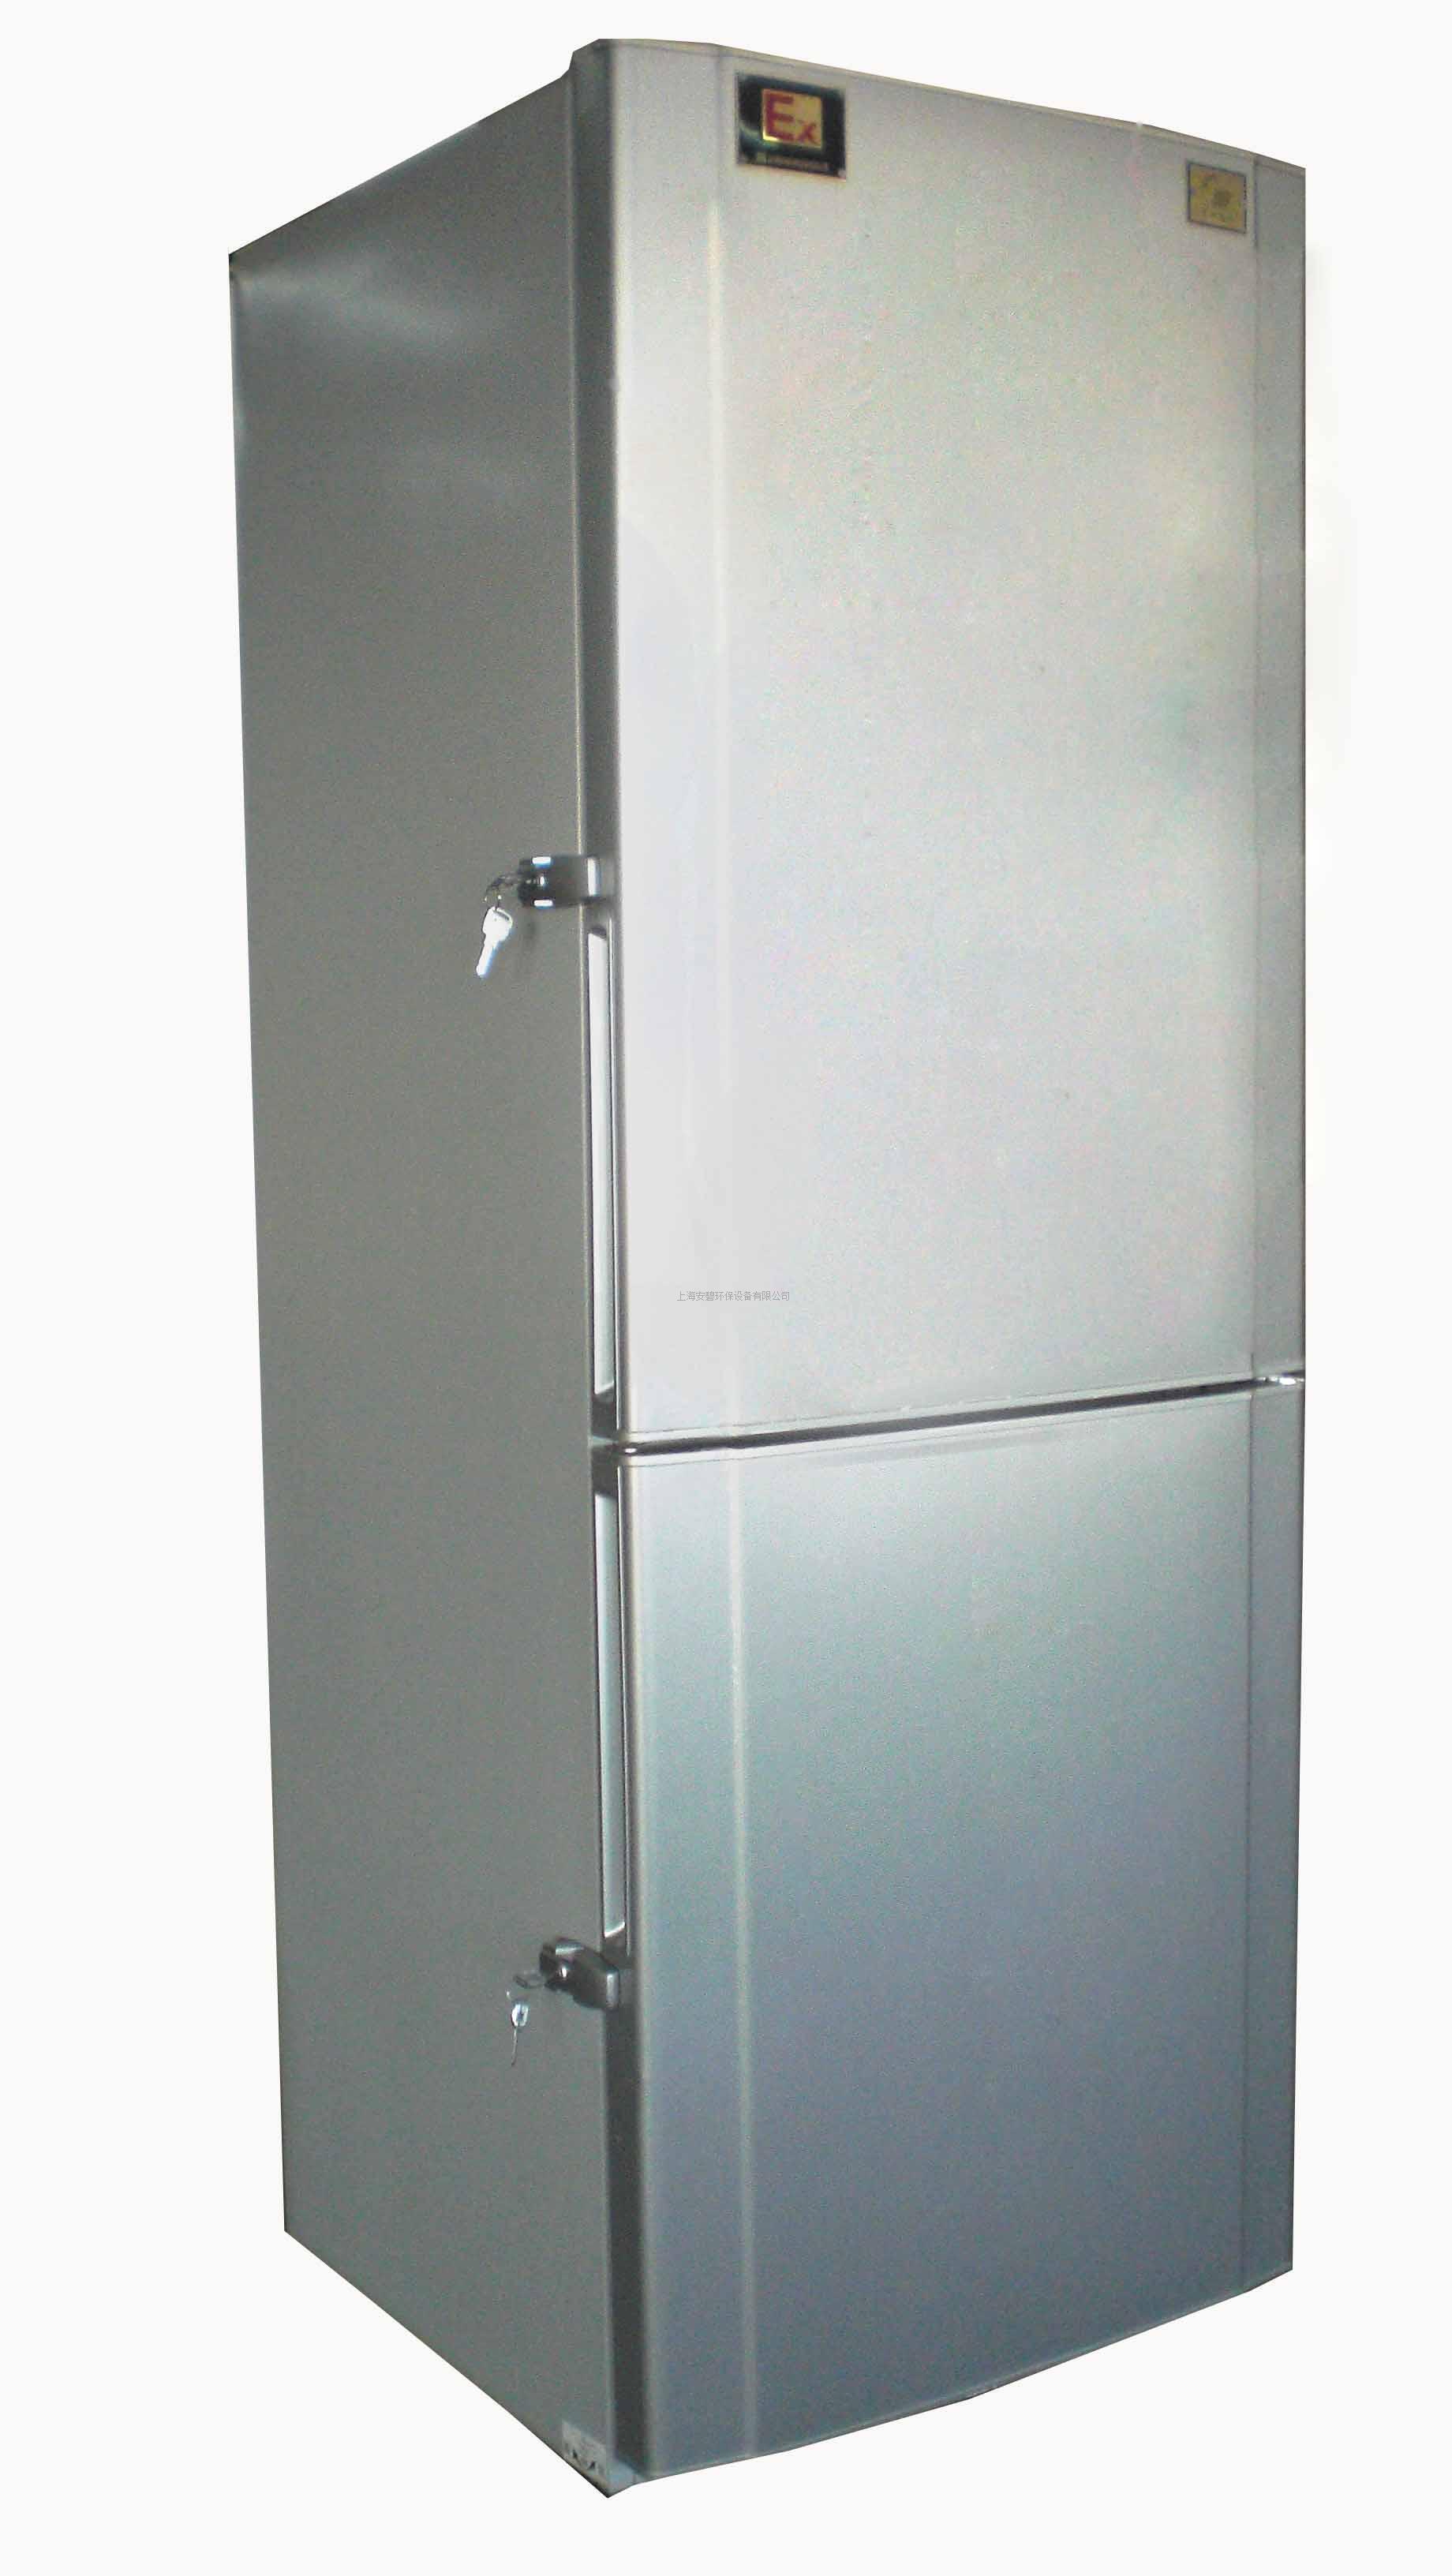 防爆冷柜(双门双温) 防爆冰箱 防爆冷柜 防爆冰柜